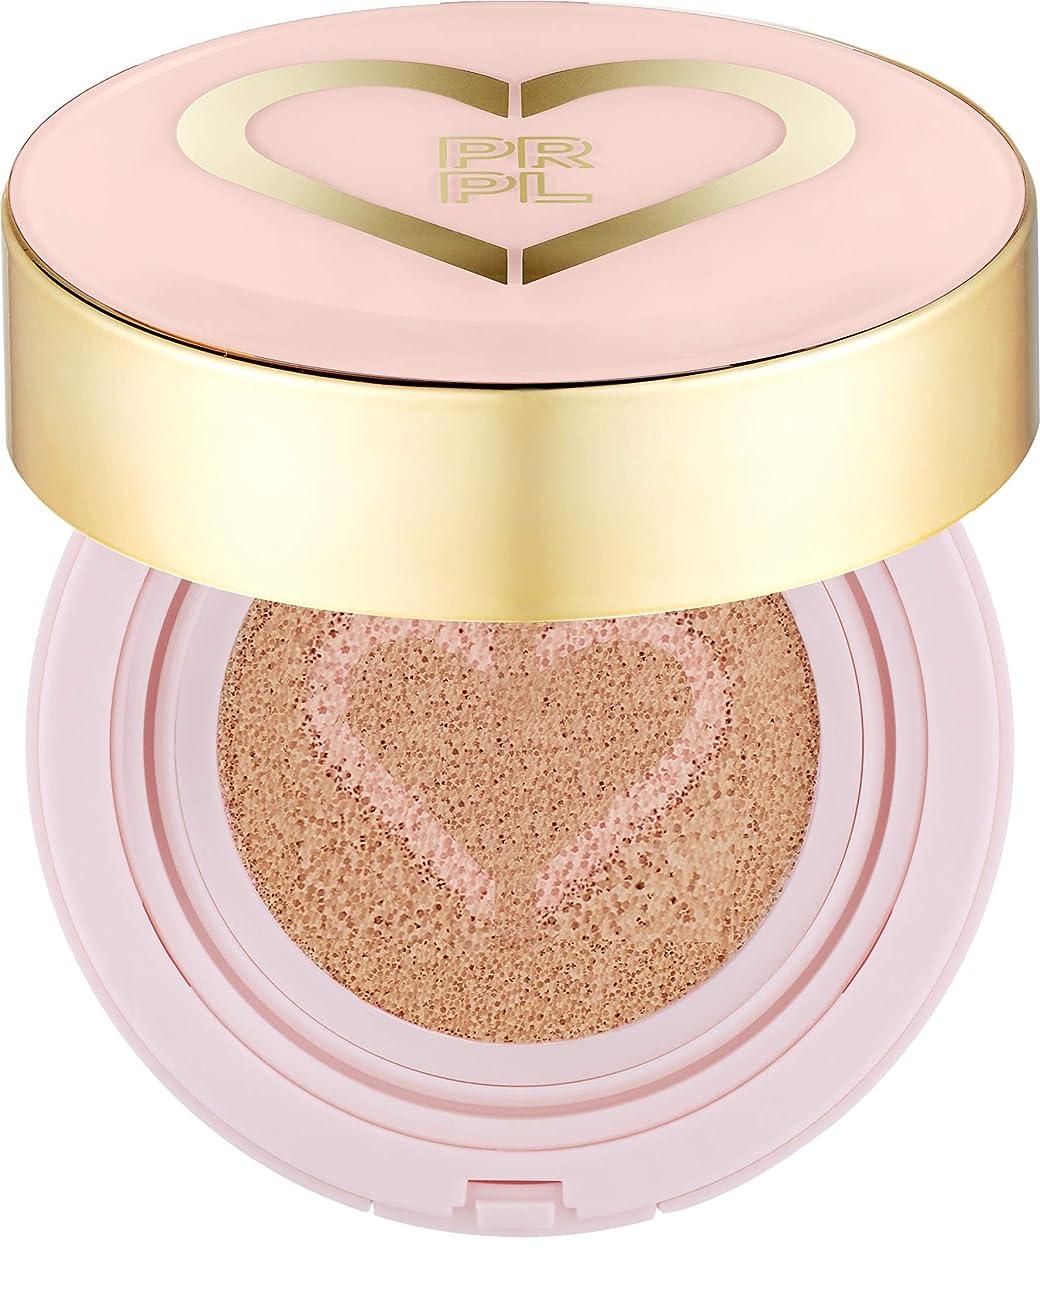 男やもめアラーム迷惑PRPL Heart Face Cushion - cover and glow cushion foundation, Korean make-up and skincare cosmetics (#23 Pure Beige)